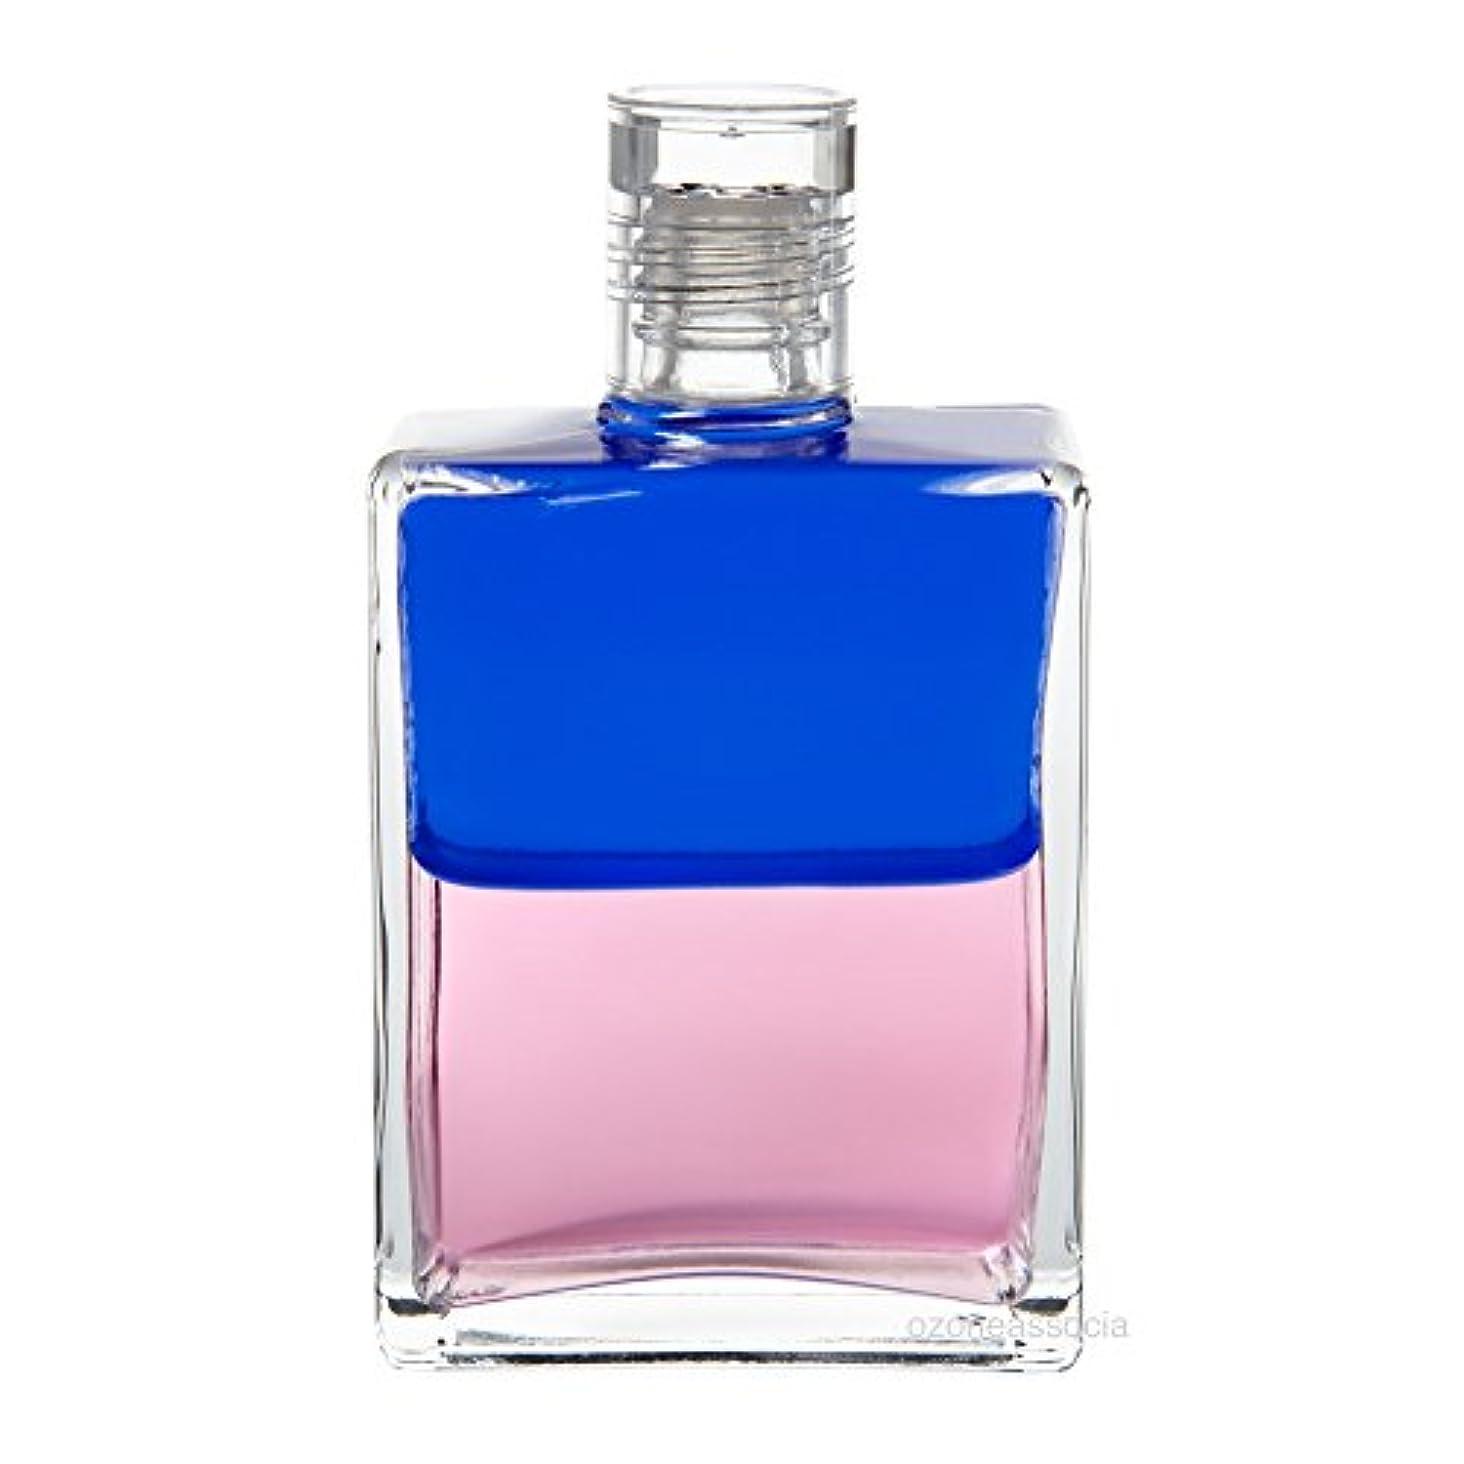 収束専門ブロンズオーラソーマ ボトル 20番  チャイルドレスキュー/スターチャイルド (ブルー/ピンク) イクイリブリアムボトル50ml Aurasoma